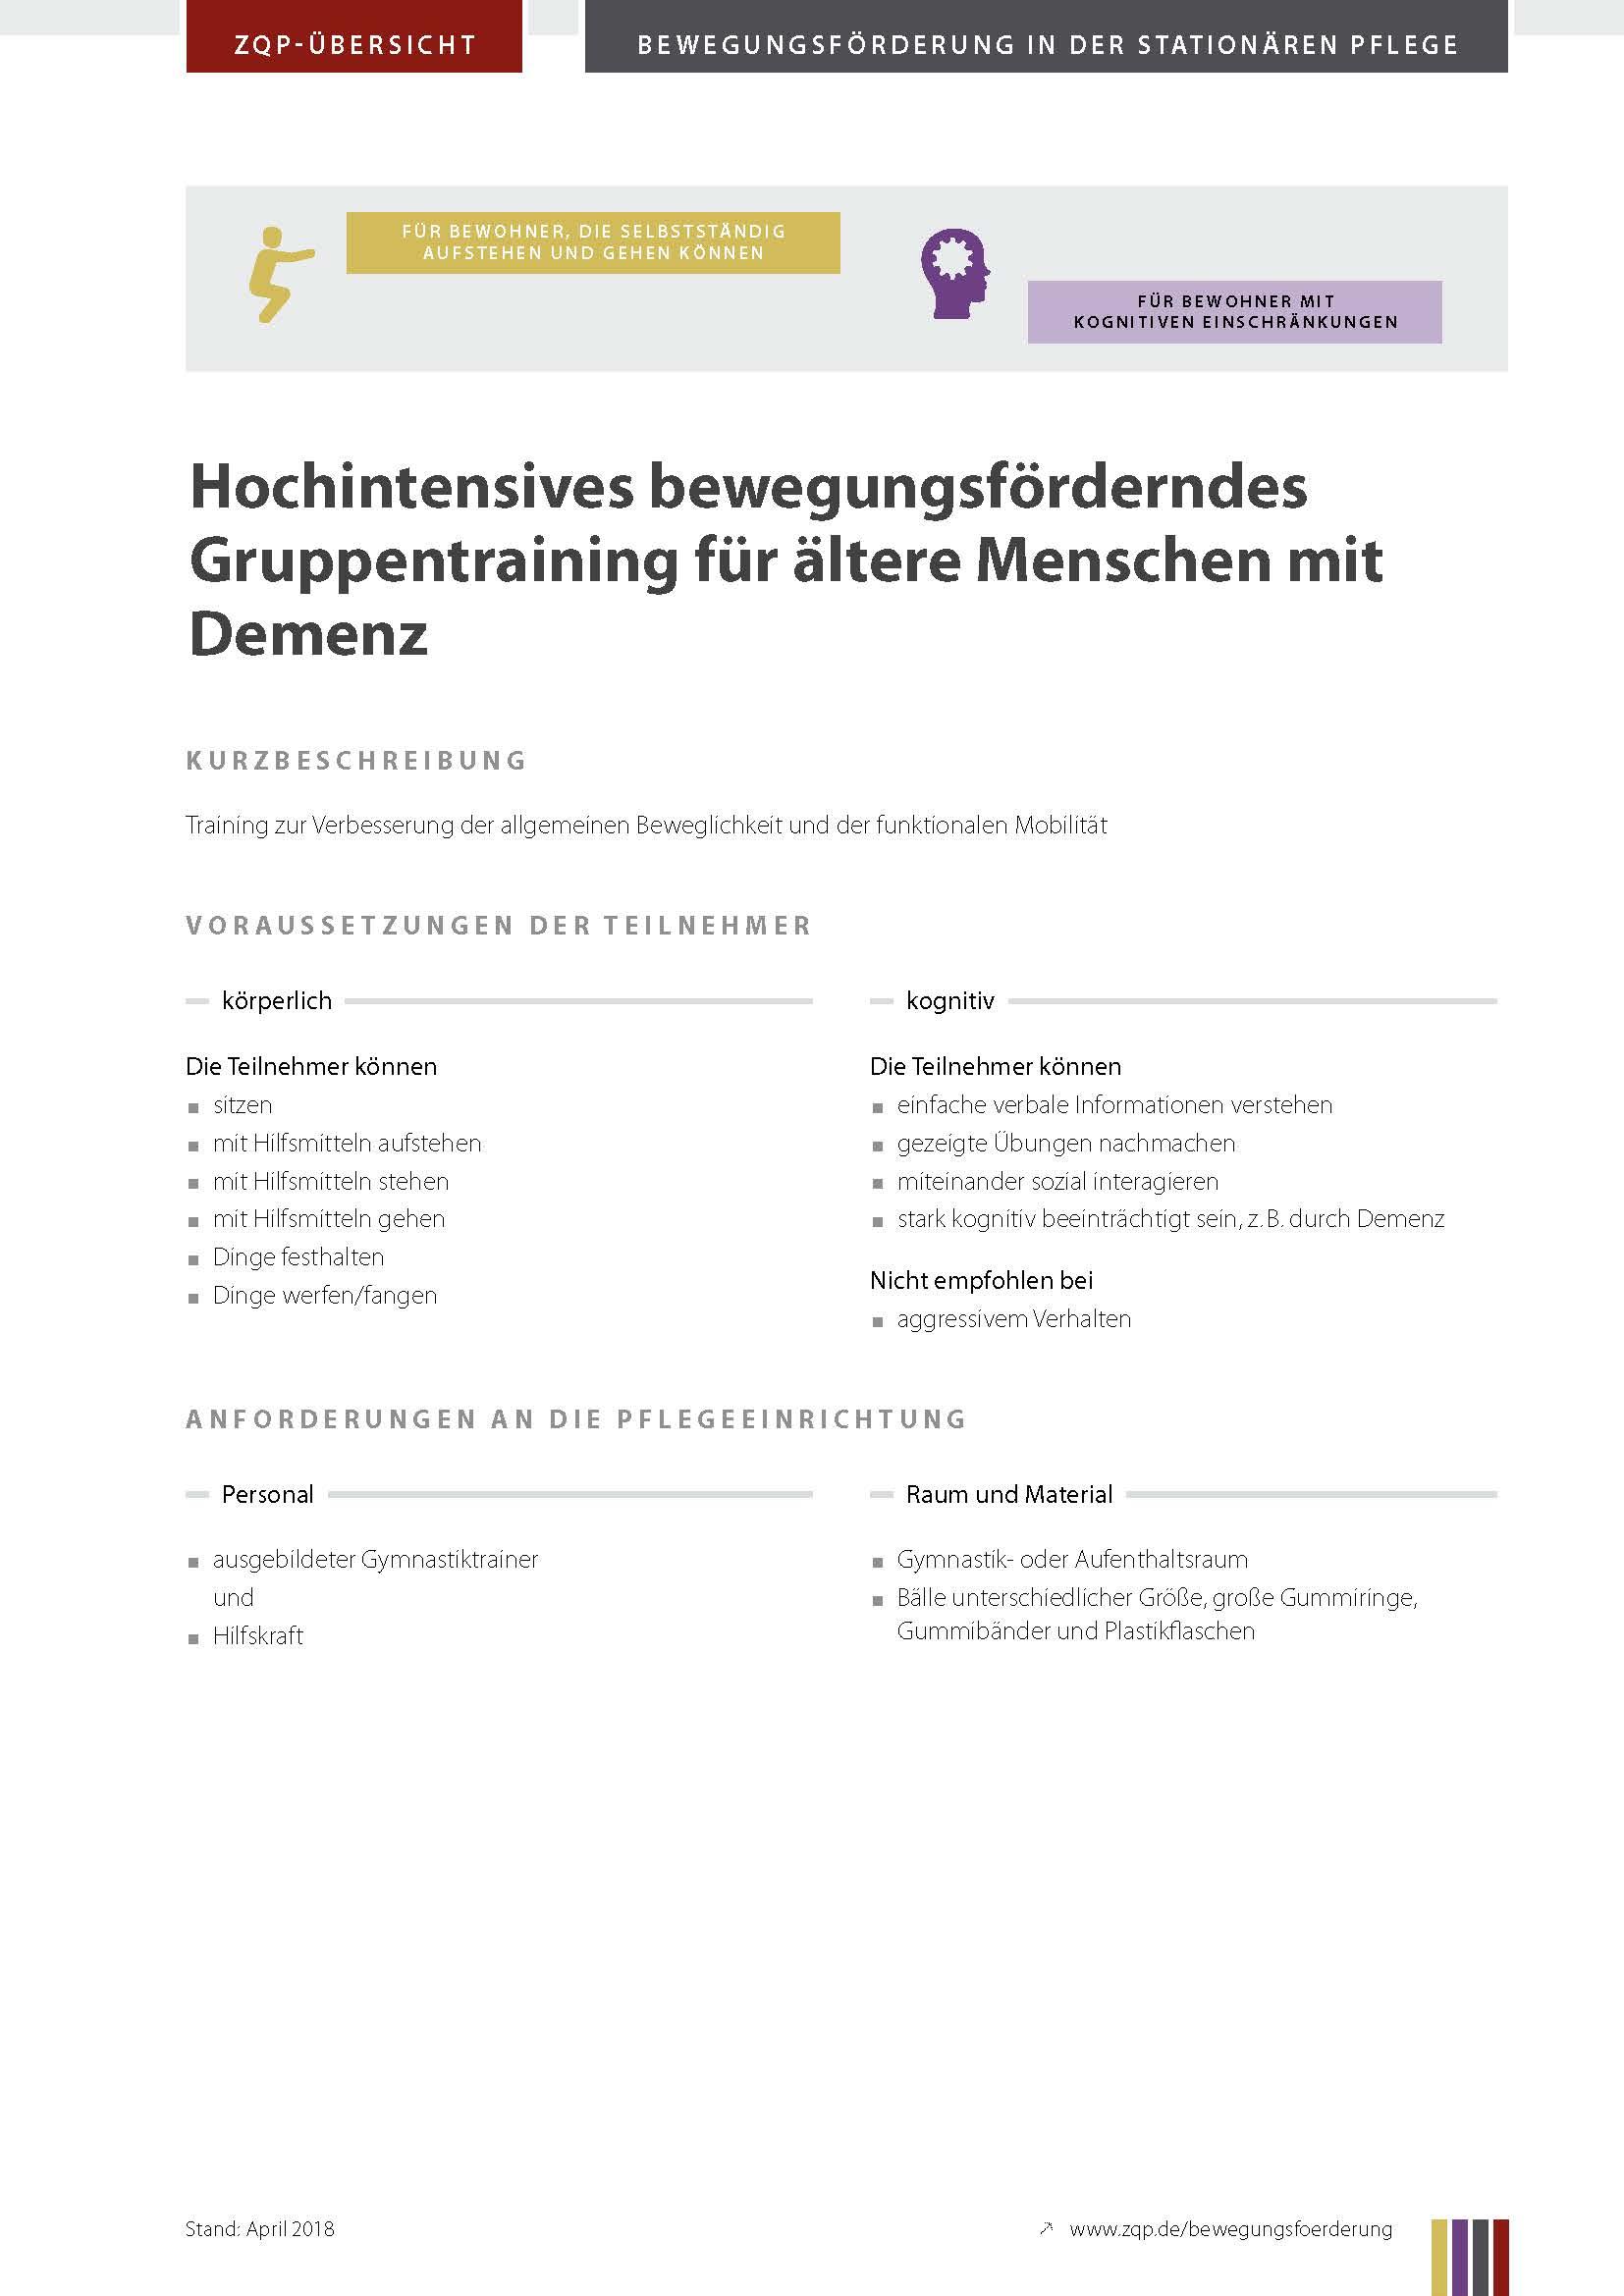 Titelblatt Hochintensives bewegungsförderndes Gruppentraining für ältere Menschen mit Demenz